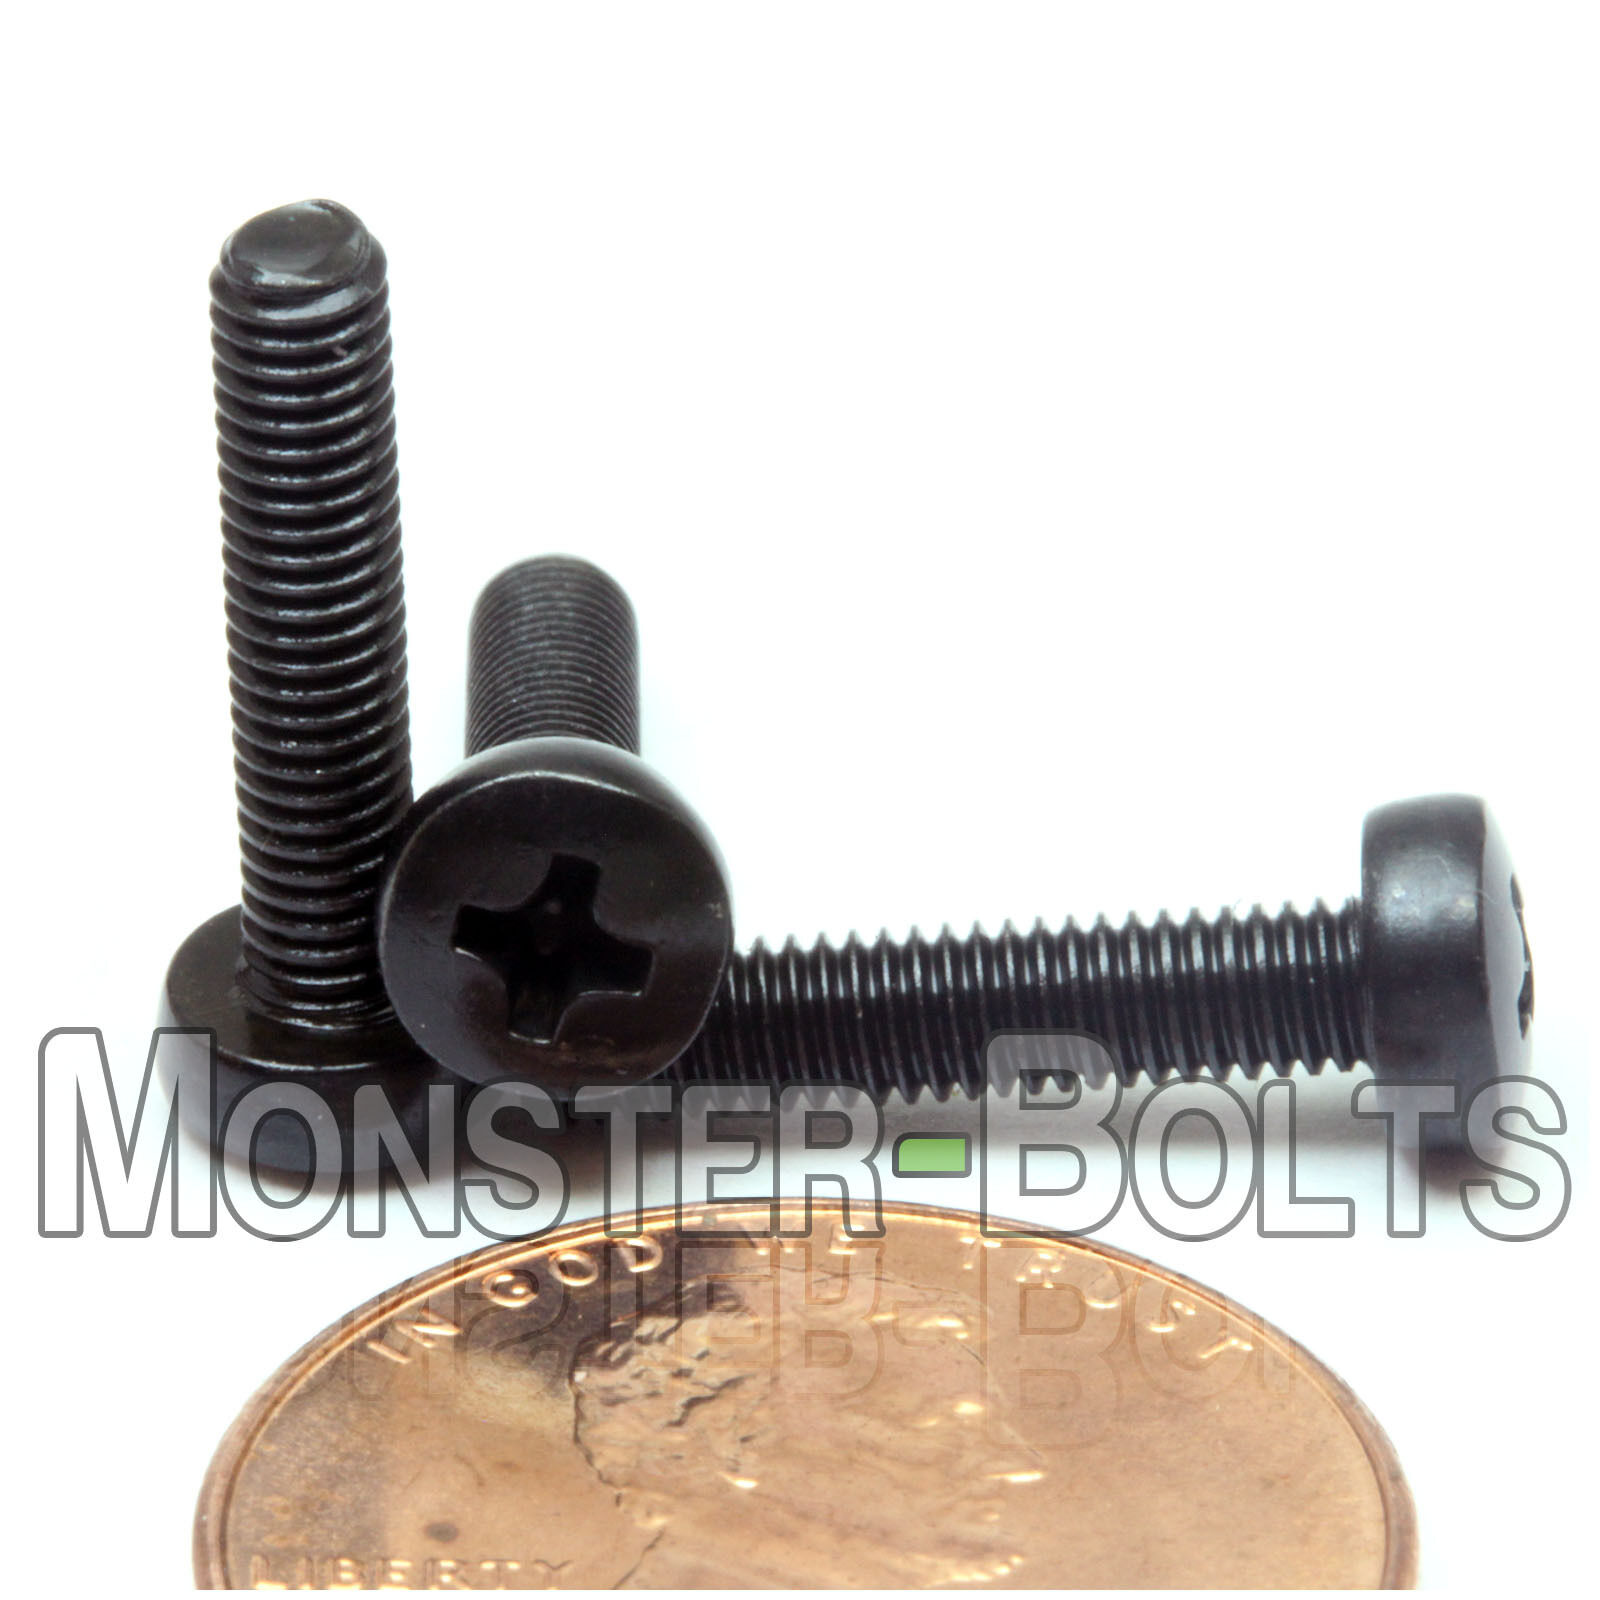 M5 x 16mm Qty 50 Black Steel Phillips Pan Head Machine Screws DIN 7985 A